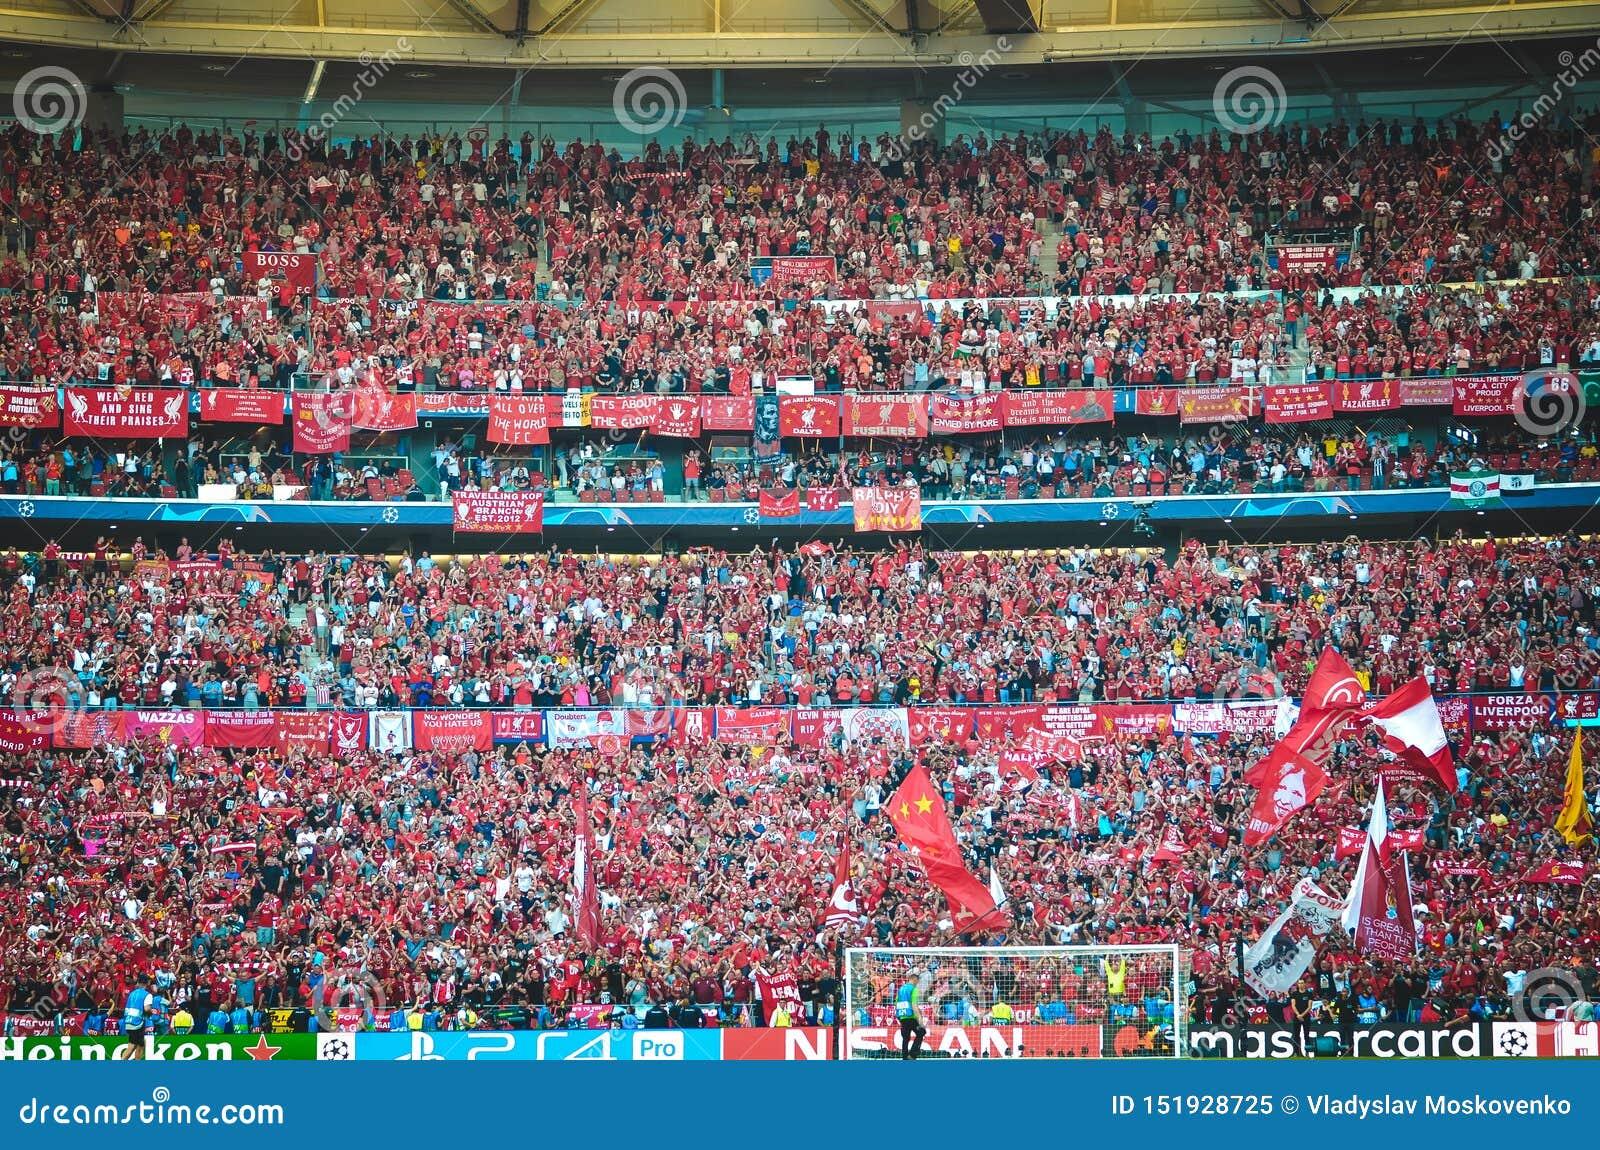 Madrid, Spanje - 01 MEI 2019: De ventilators van Liverpool in de tribunes steunen het team tijdens de UEFA Champions League 2019